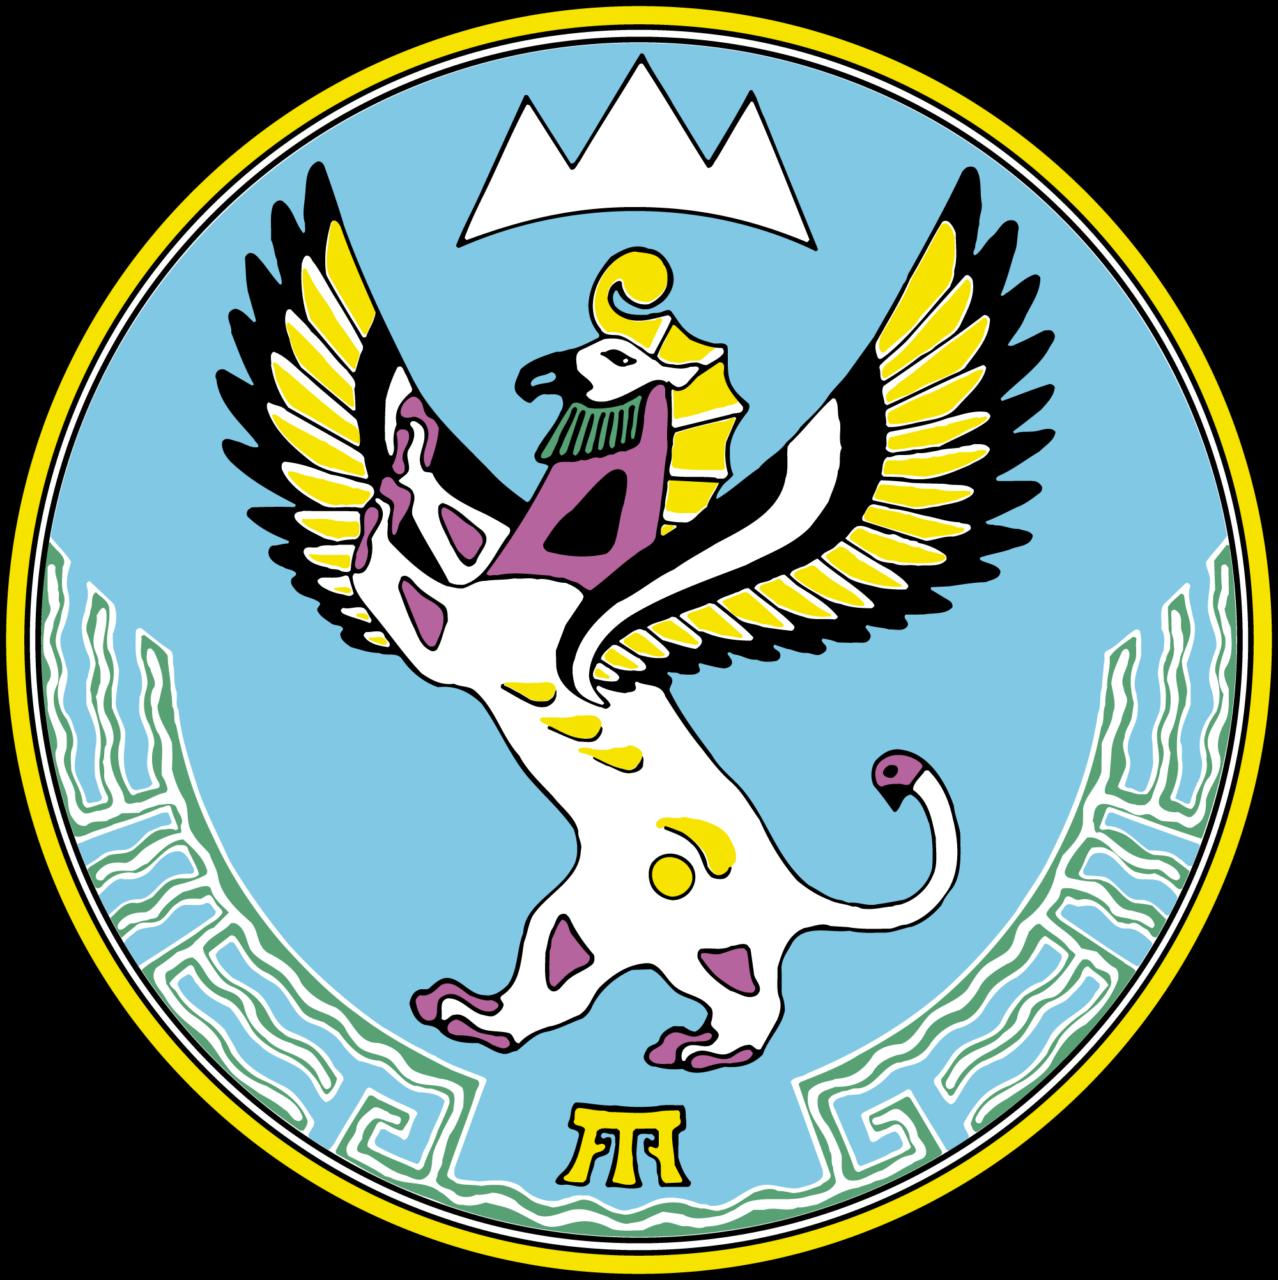 Герб Республики Алтай.